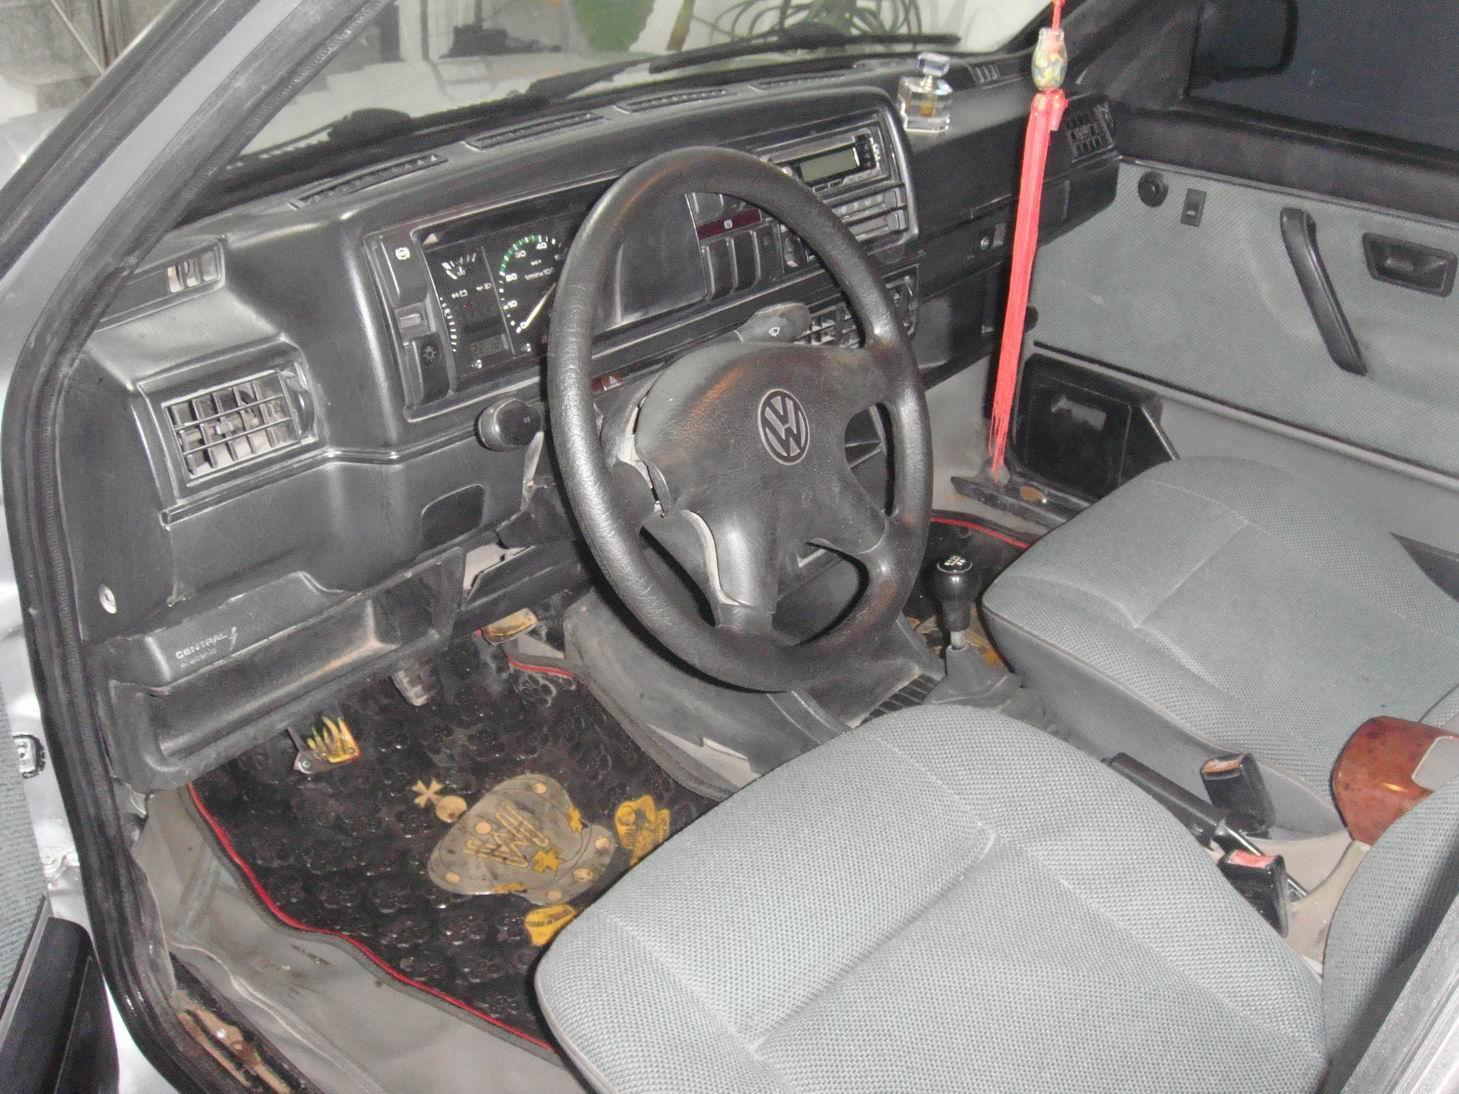 捷达伙伴,老表台,全车没一点伤,05年1月份银灰色,ABS,转向助力,电动门窗,空调,省油,原单位车,手续齐全,机油防冻液正时皮带都刚换完,跑了10万公里。低价出售,一口价3万8千元。电话04397891122接受换车 联系我时请说明是在白山网看到的